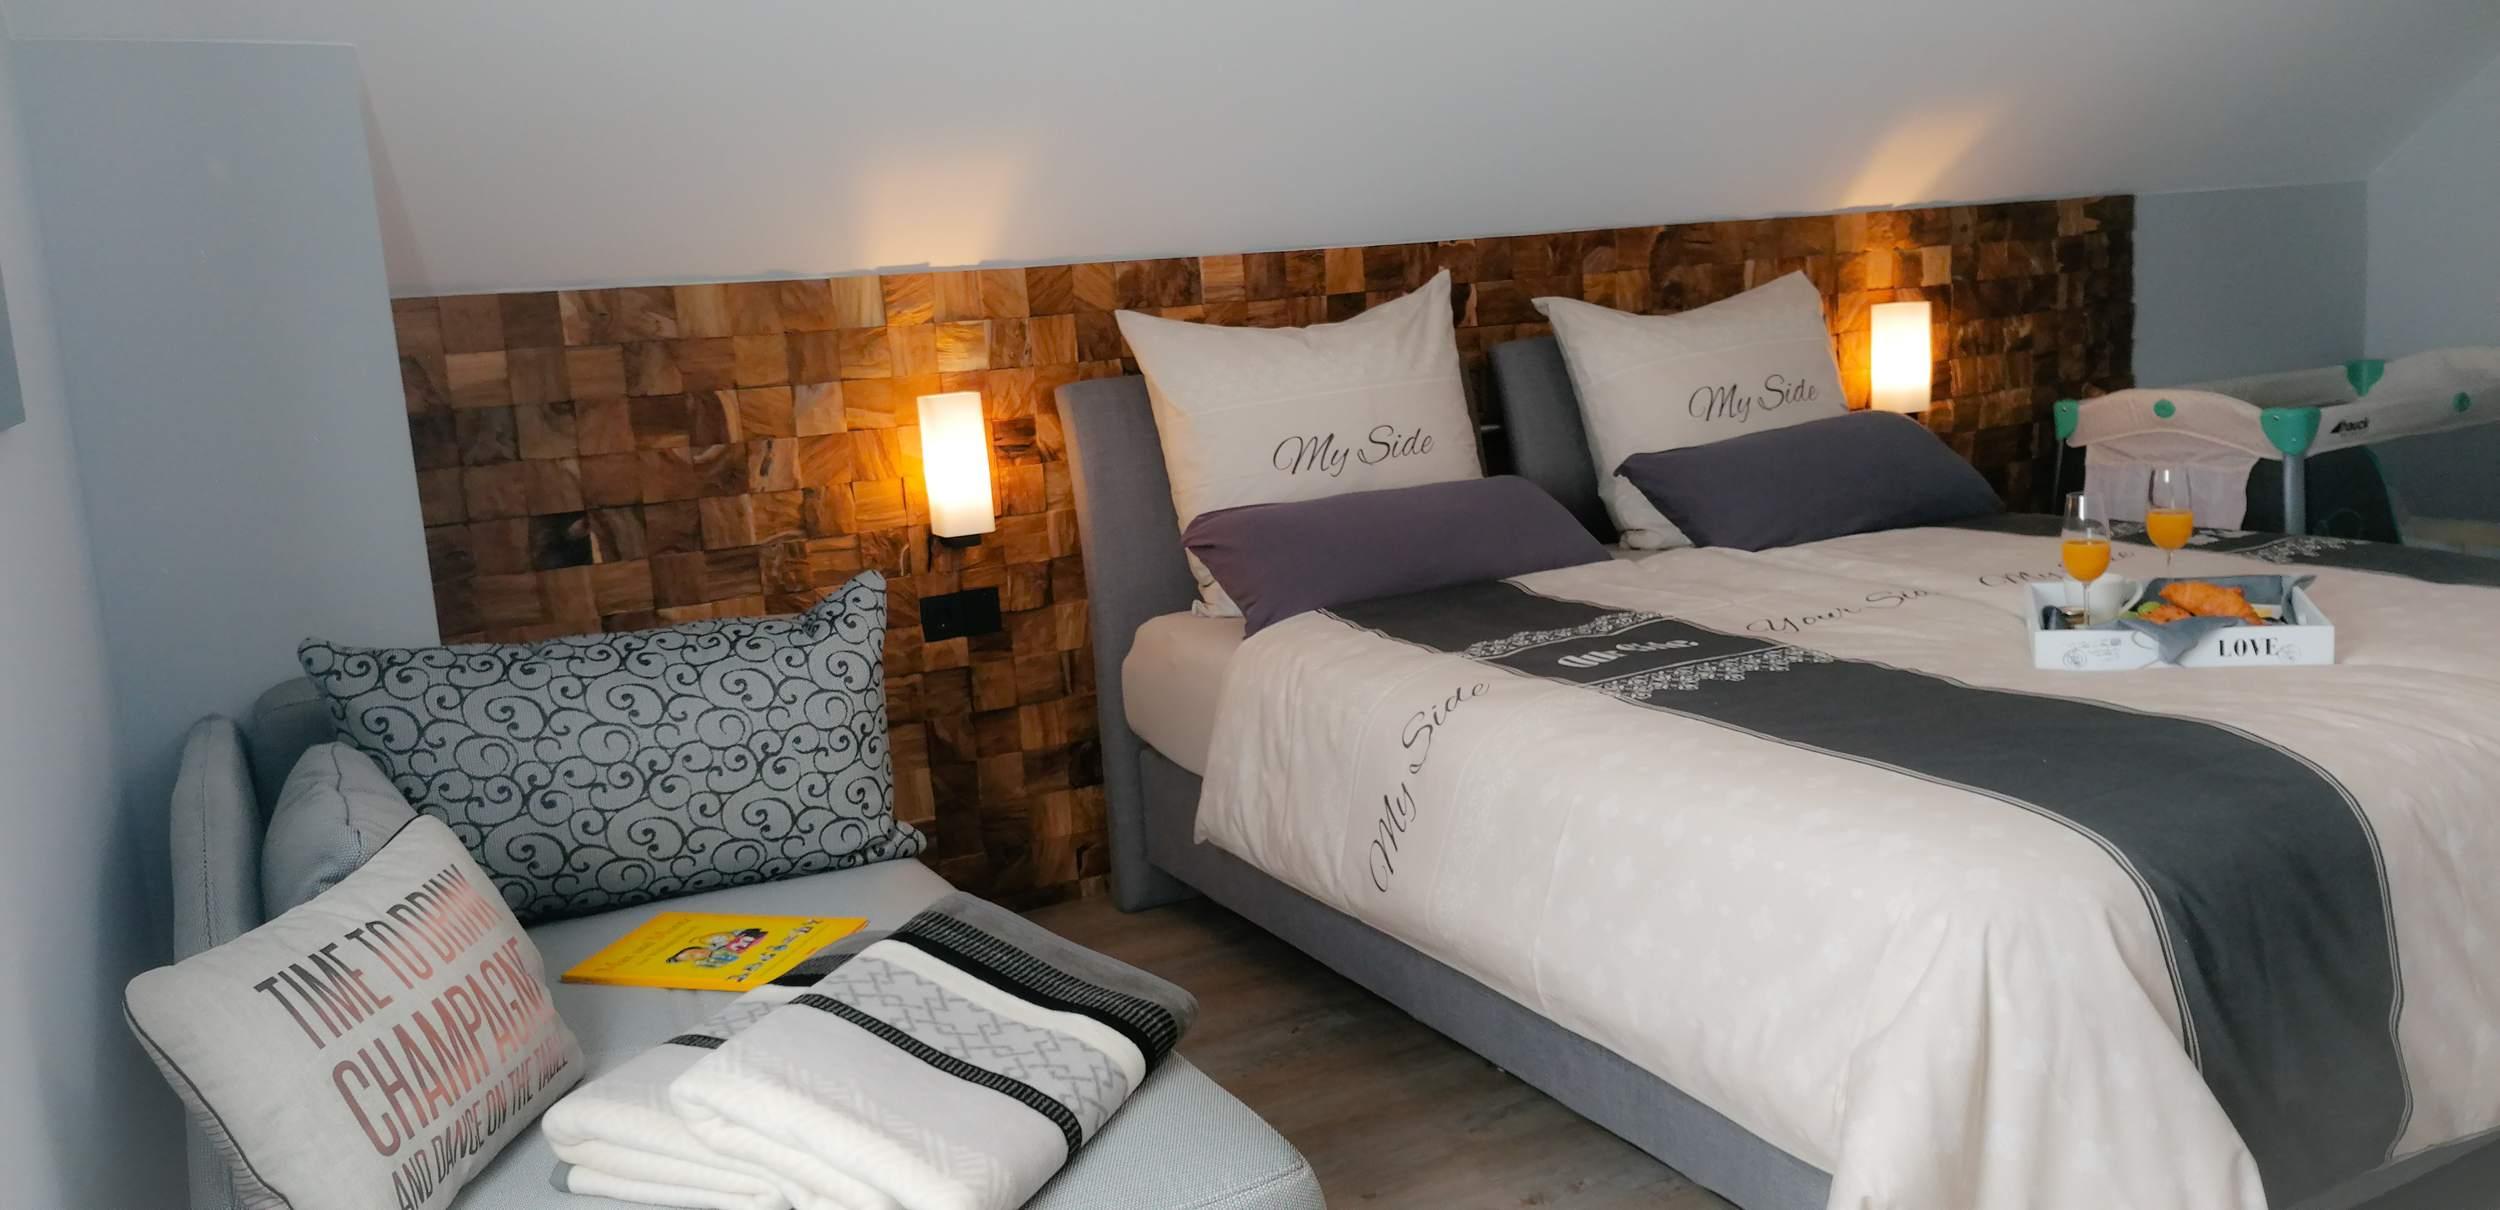 Ferienhäuser im Barbarossaweg Hasselfelde - großes Schlafzimmer